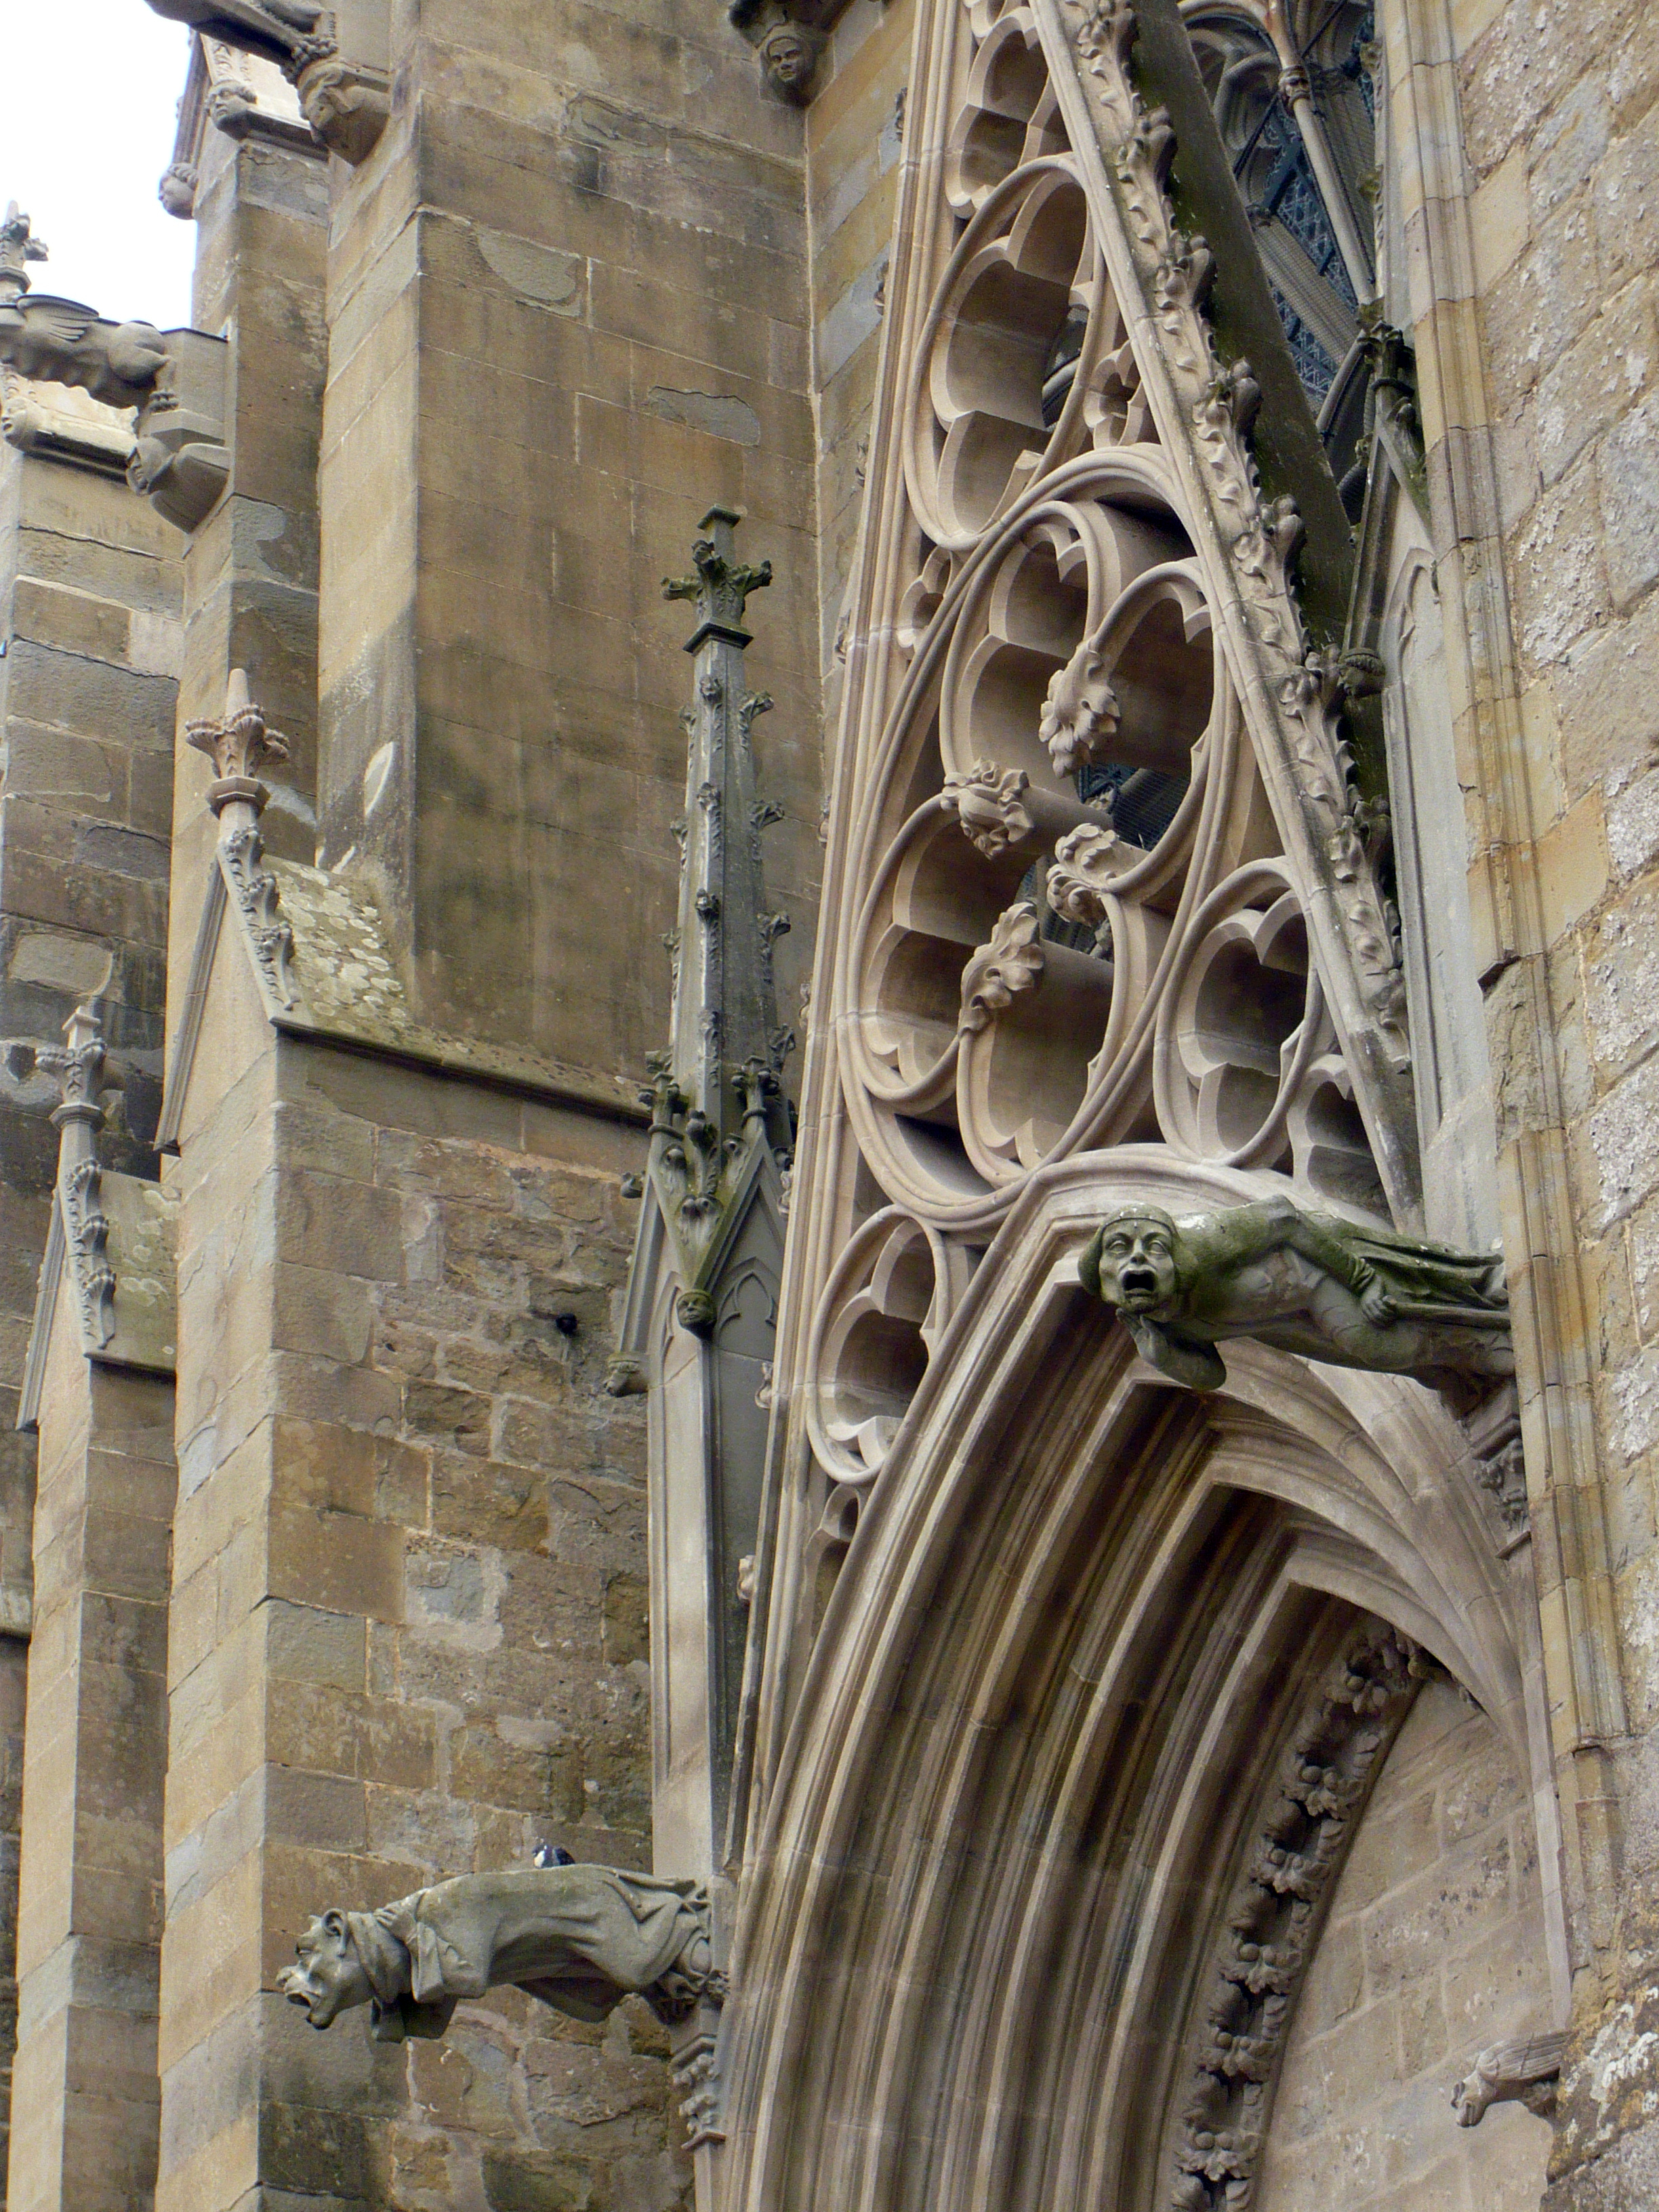 Gárgolas de la fachada de la Basílica de San Nazario